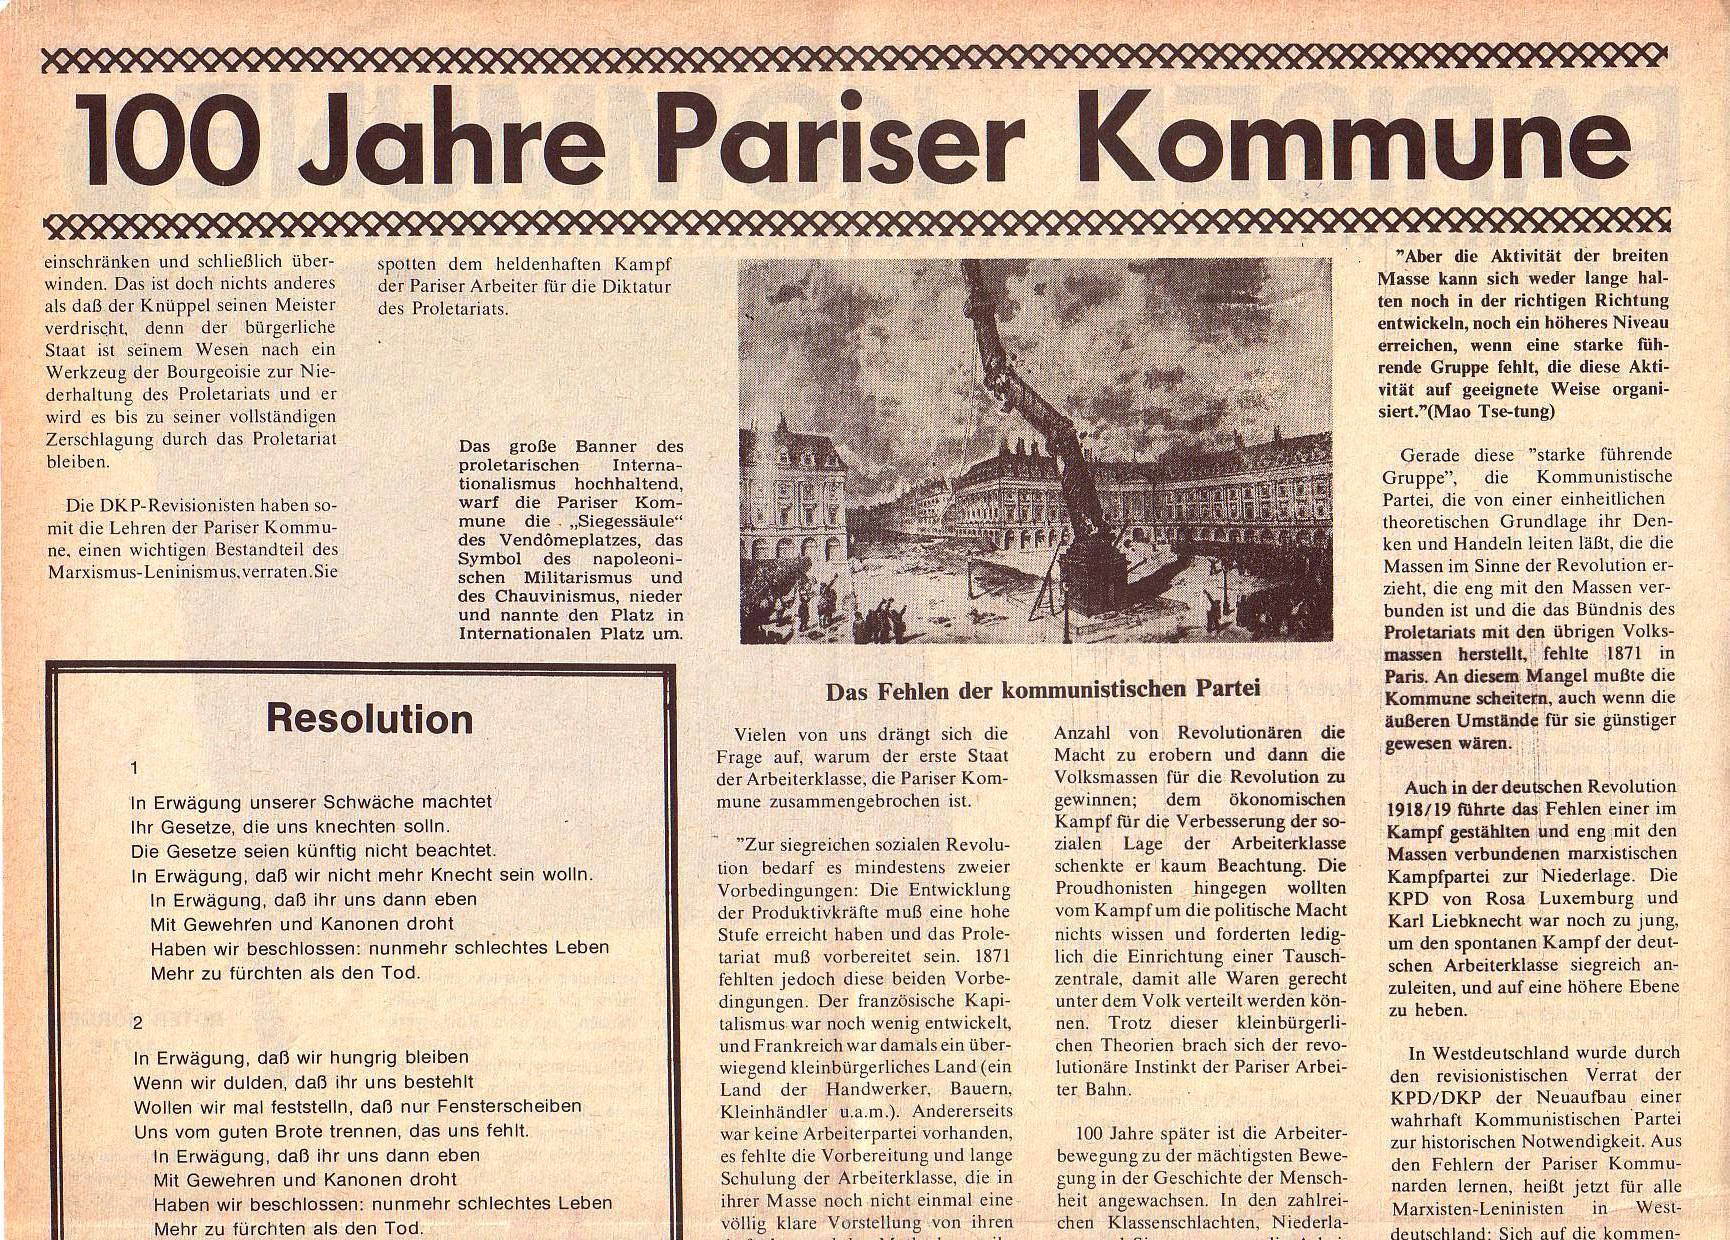 Roter Morgen, 5. Jg., April 1971, Nr. 4, Seite 12a